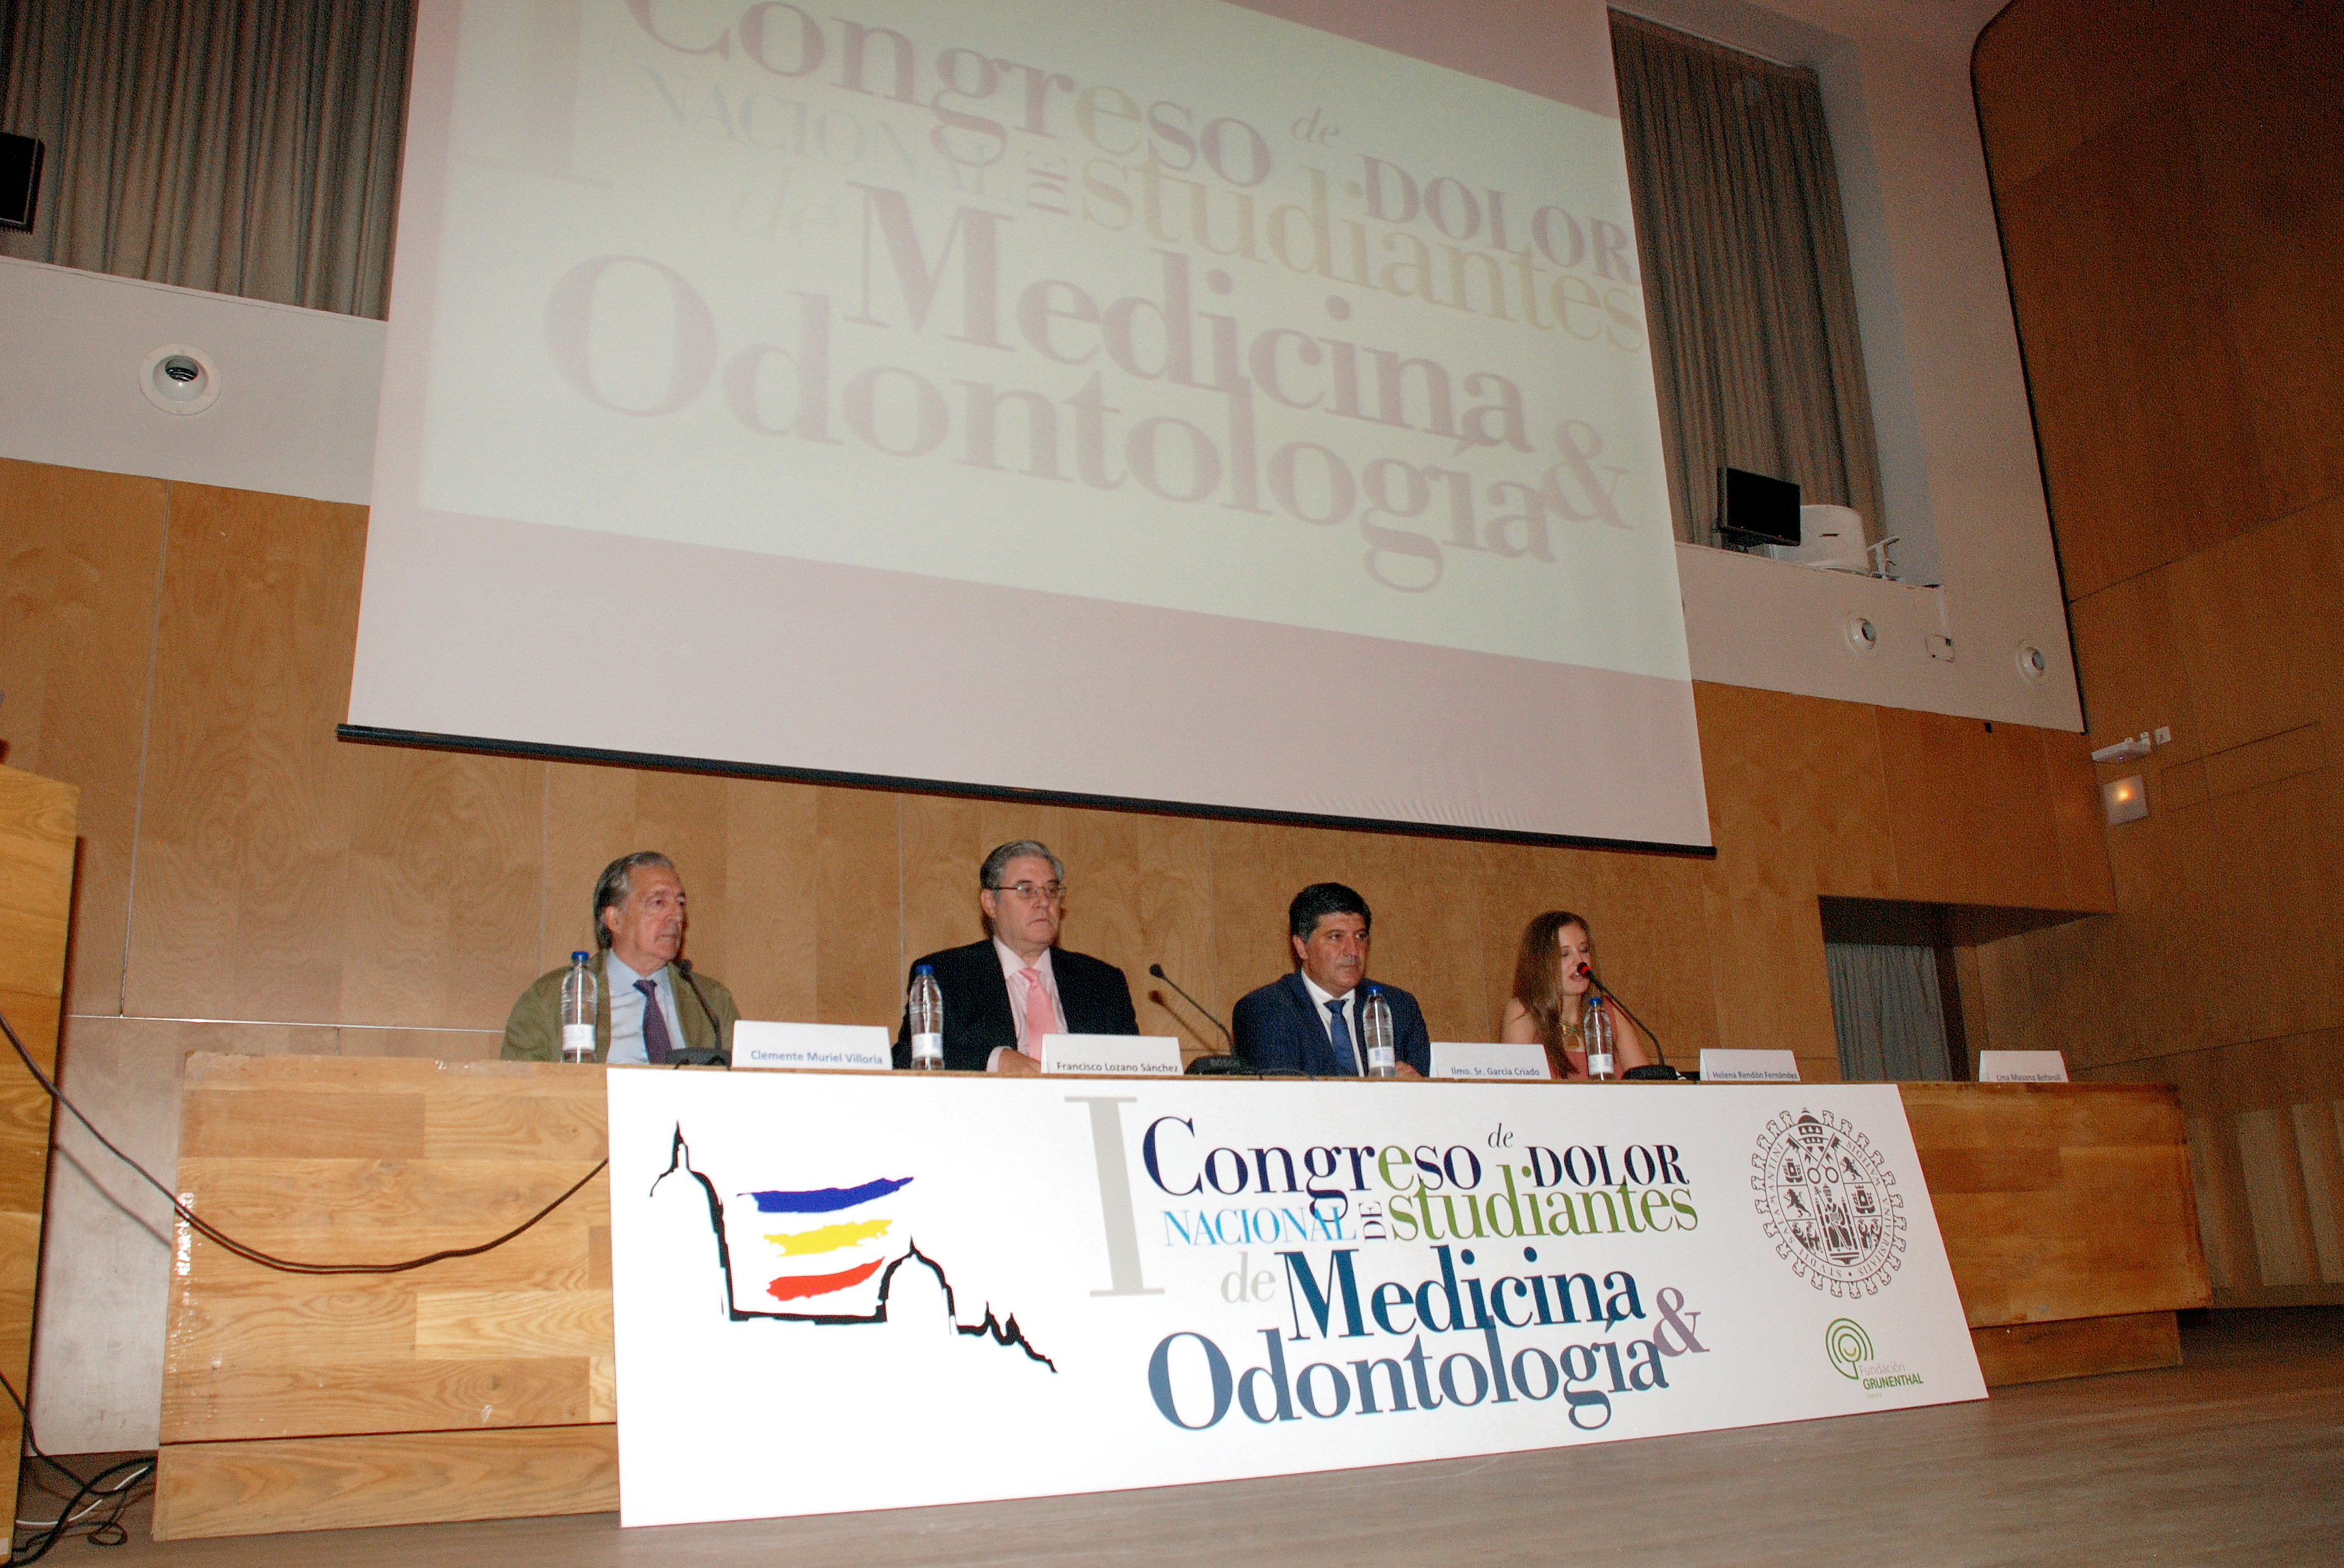 La Universidad de Salamanca acoge el I Congreso nacional de dolor para estudiantes de Medicina y Odontología